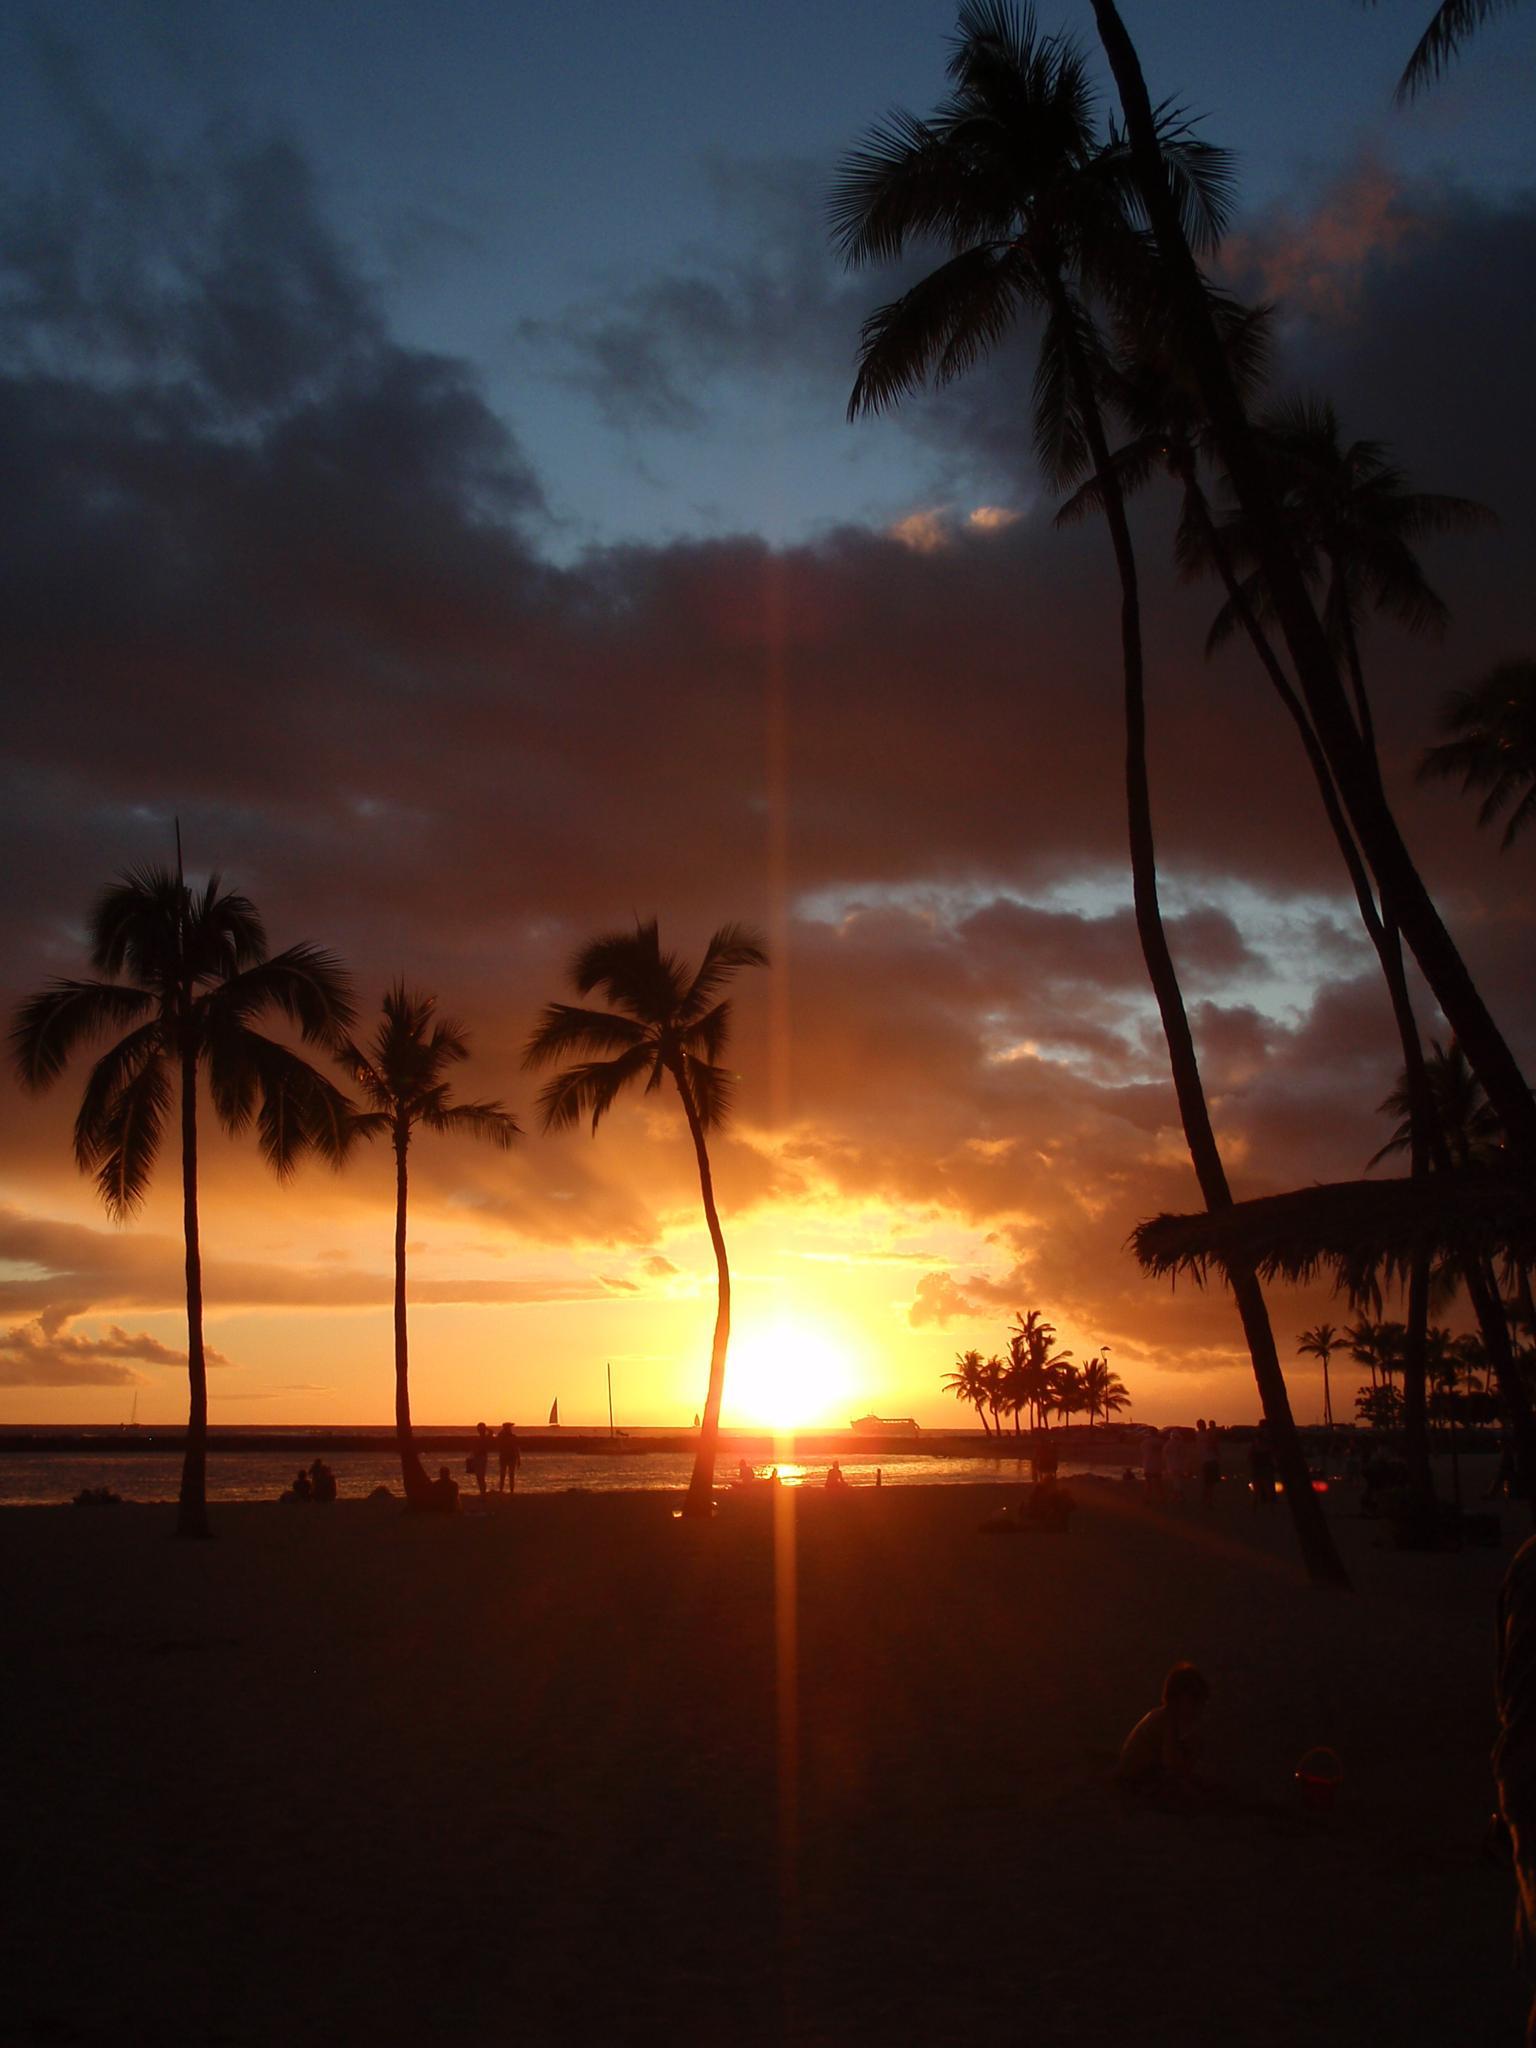 Hawaii Sunset by Jason R. Rich